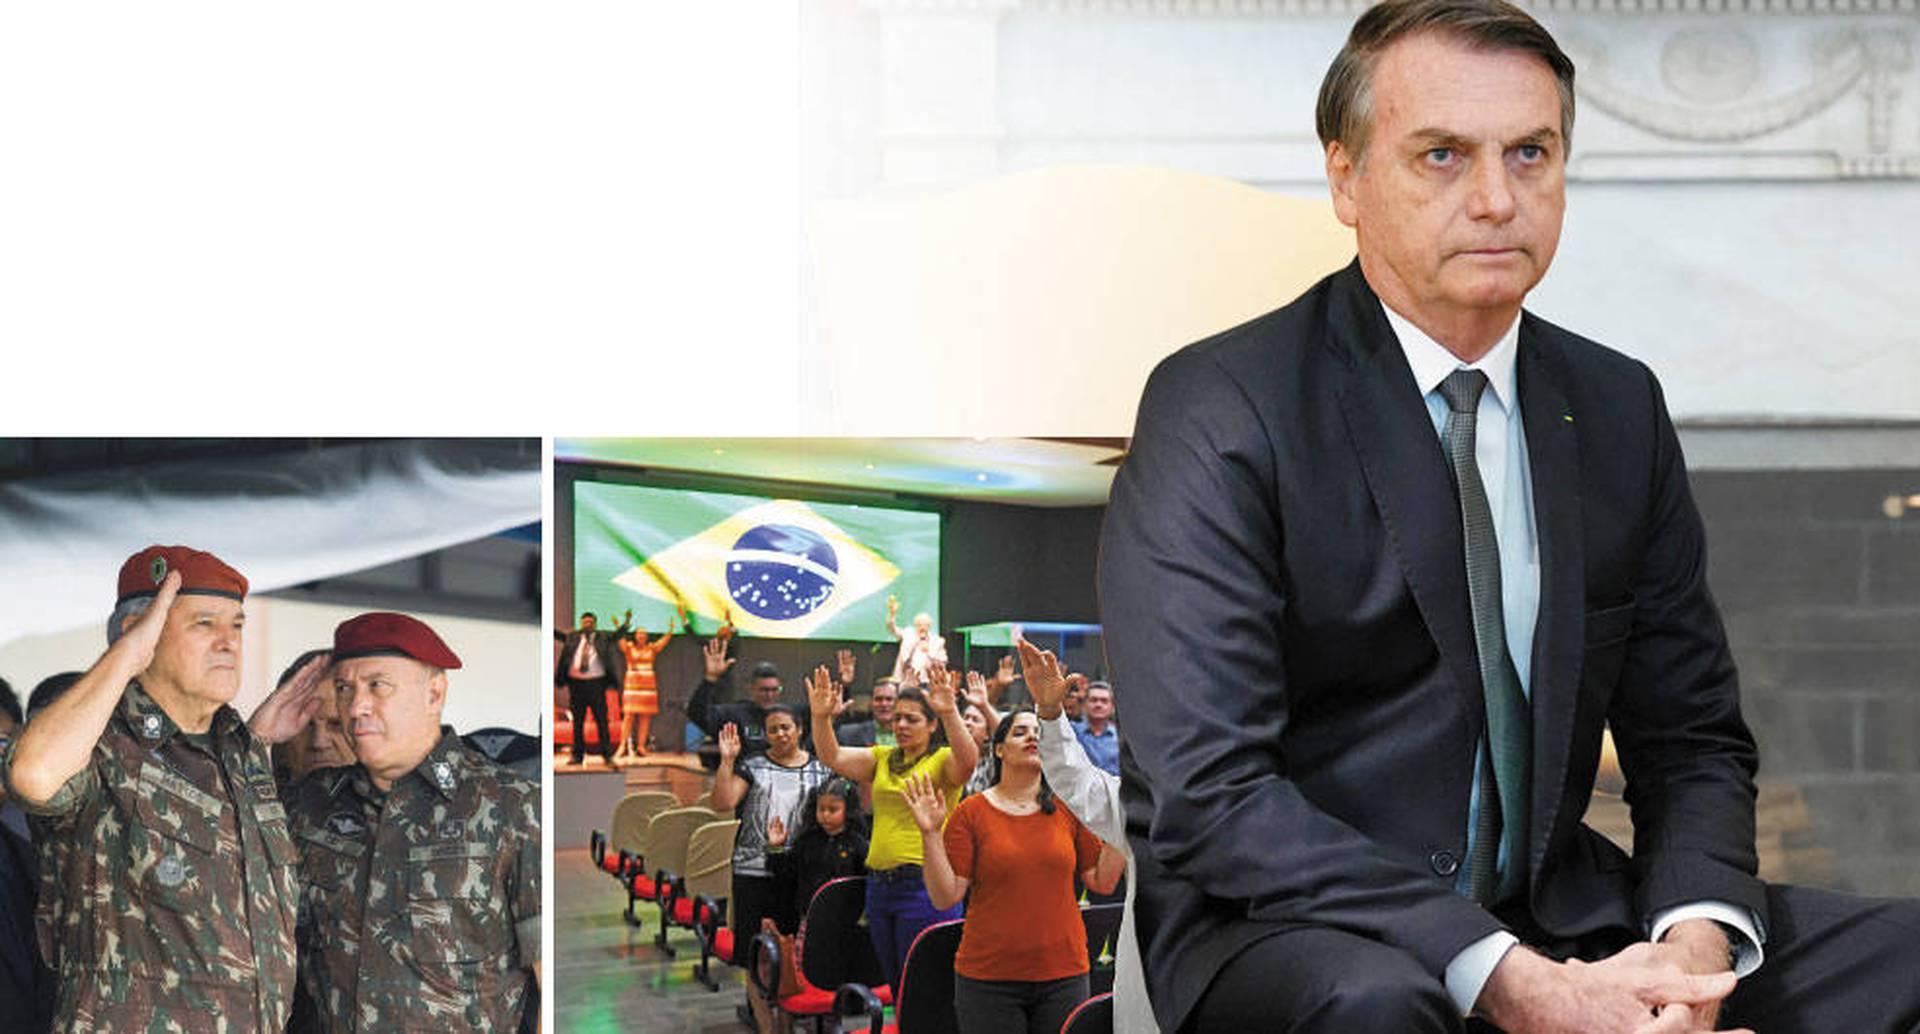 A pesar de la poca popularidad de Bolsonaro en la actualidad, las Iglesias evangélicas y las Fuerzas Armadas siguen siendo un gran motor de su gobierno. Ambas fueron fundamentales en campaña.